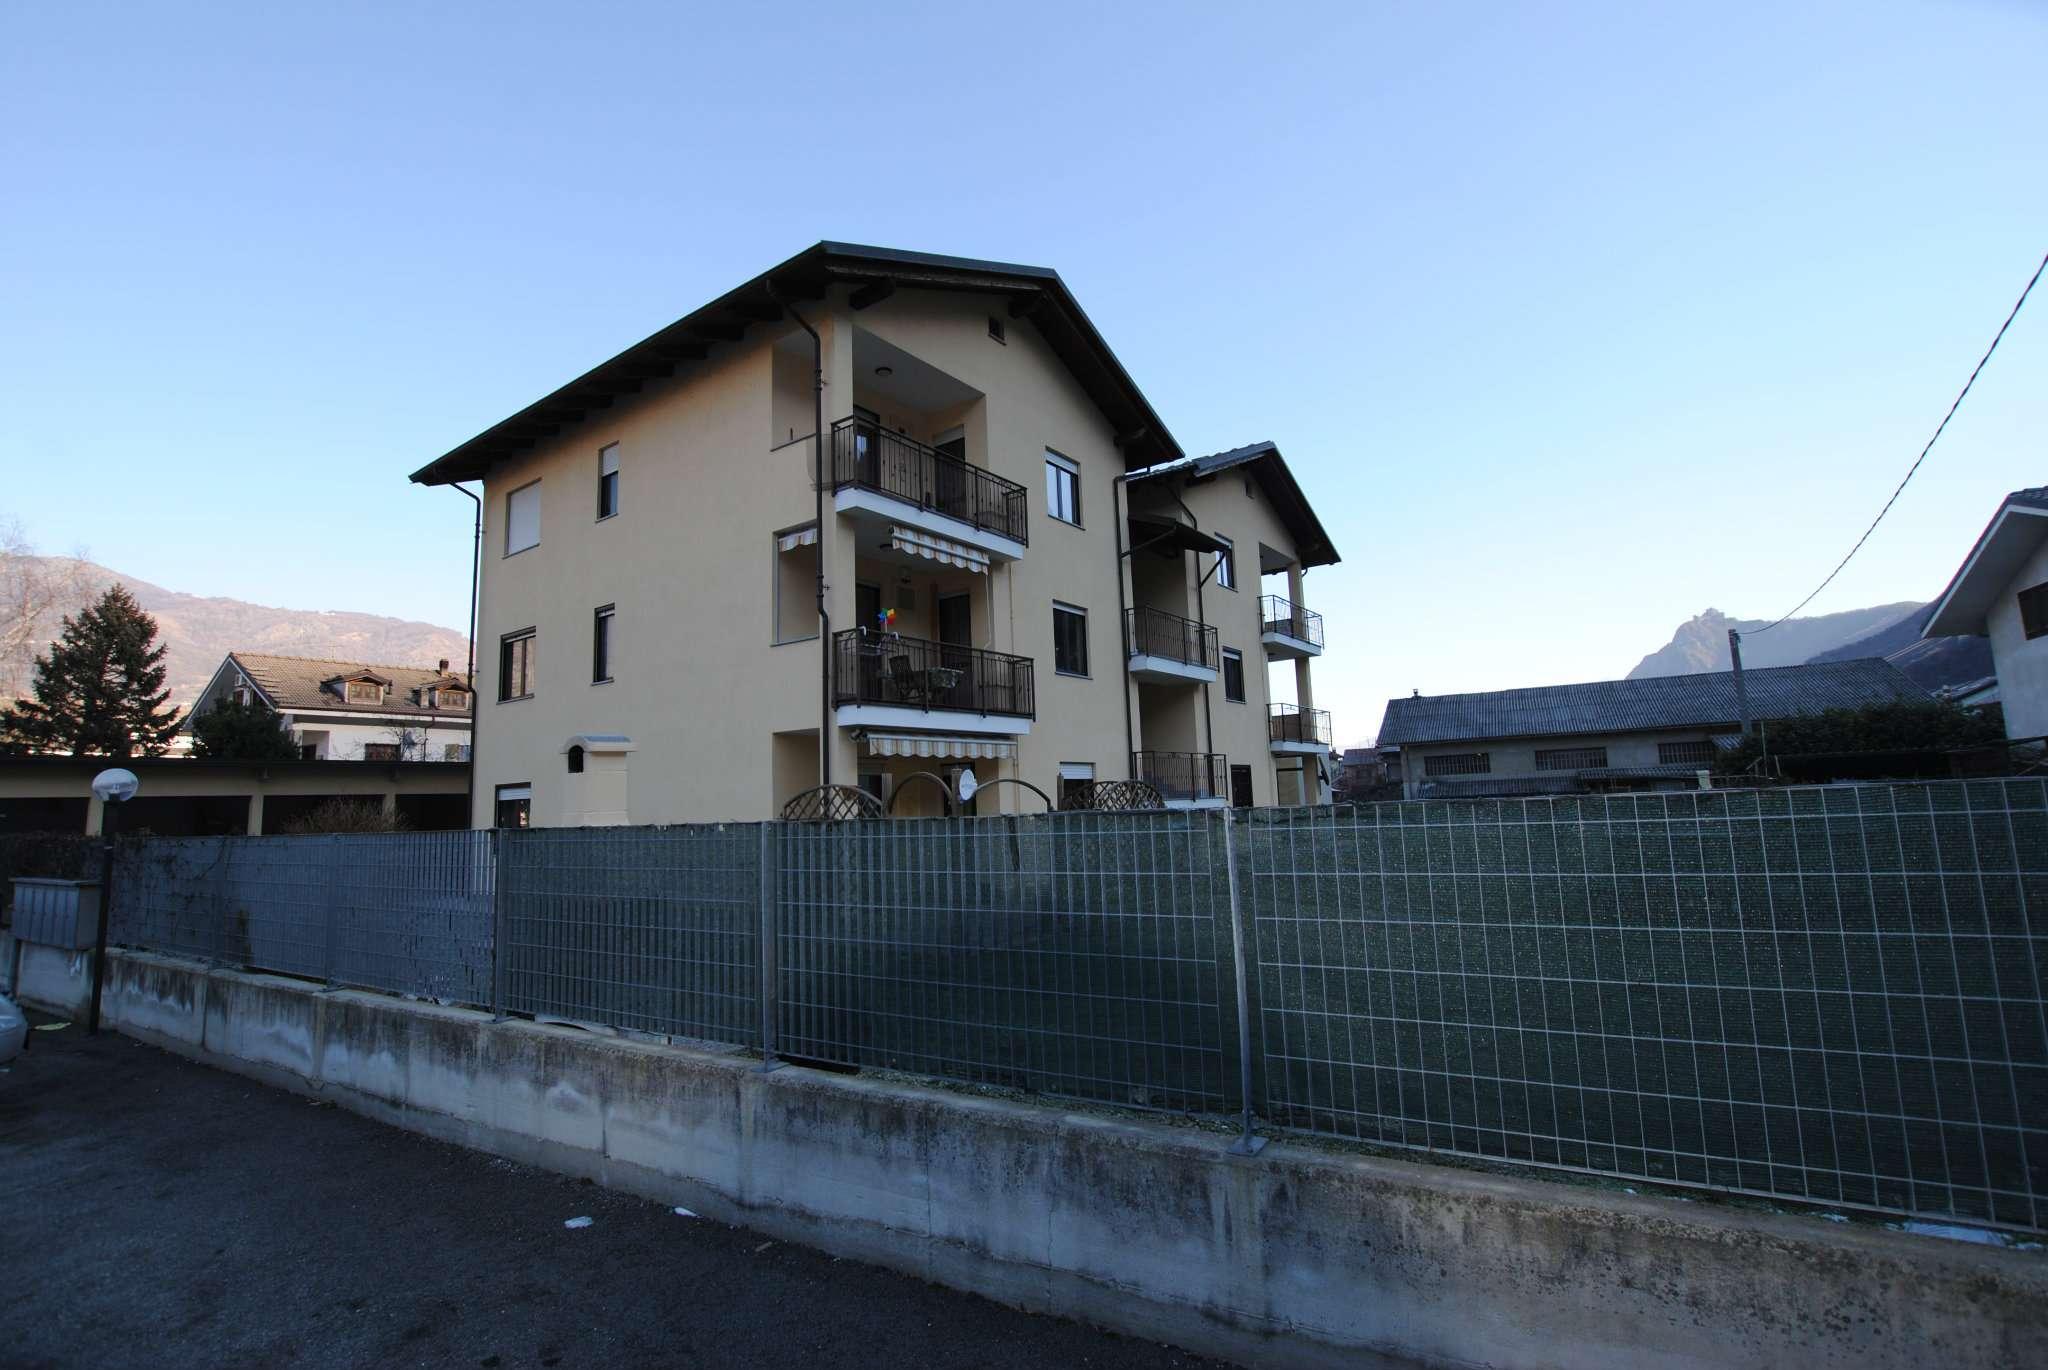 Appartamento in vendita a Vaie, 3 locali, prezzo € 142.500 | CambioCasa.it